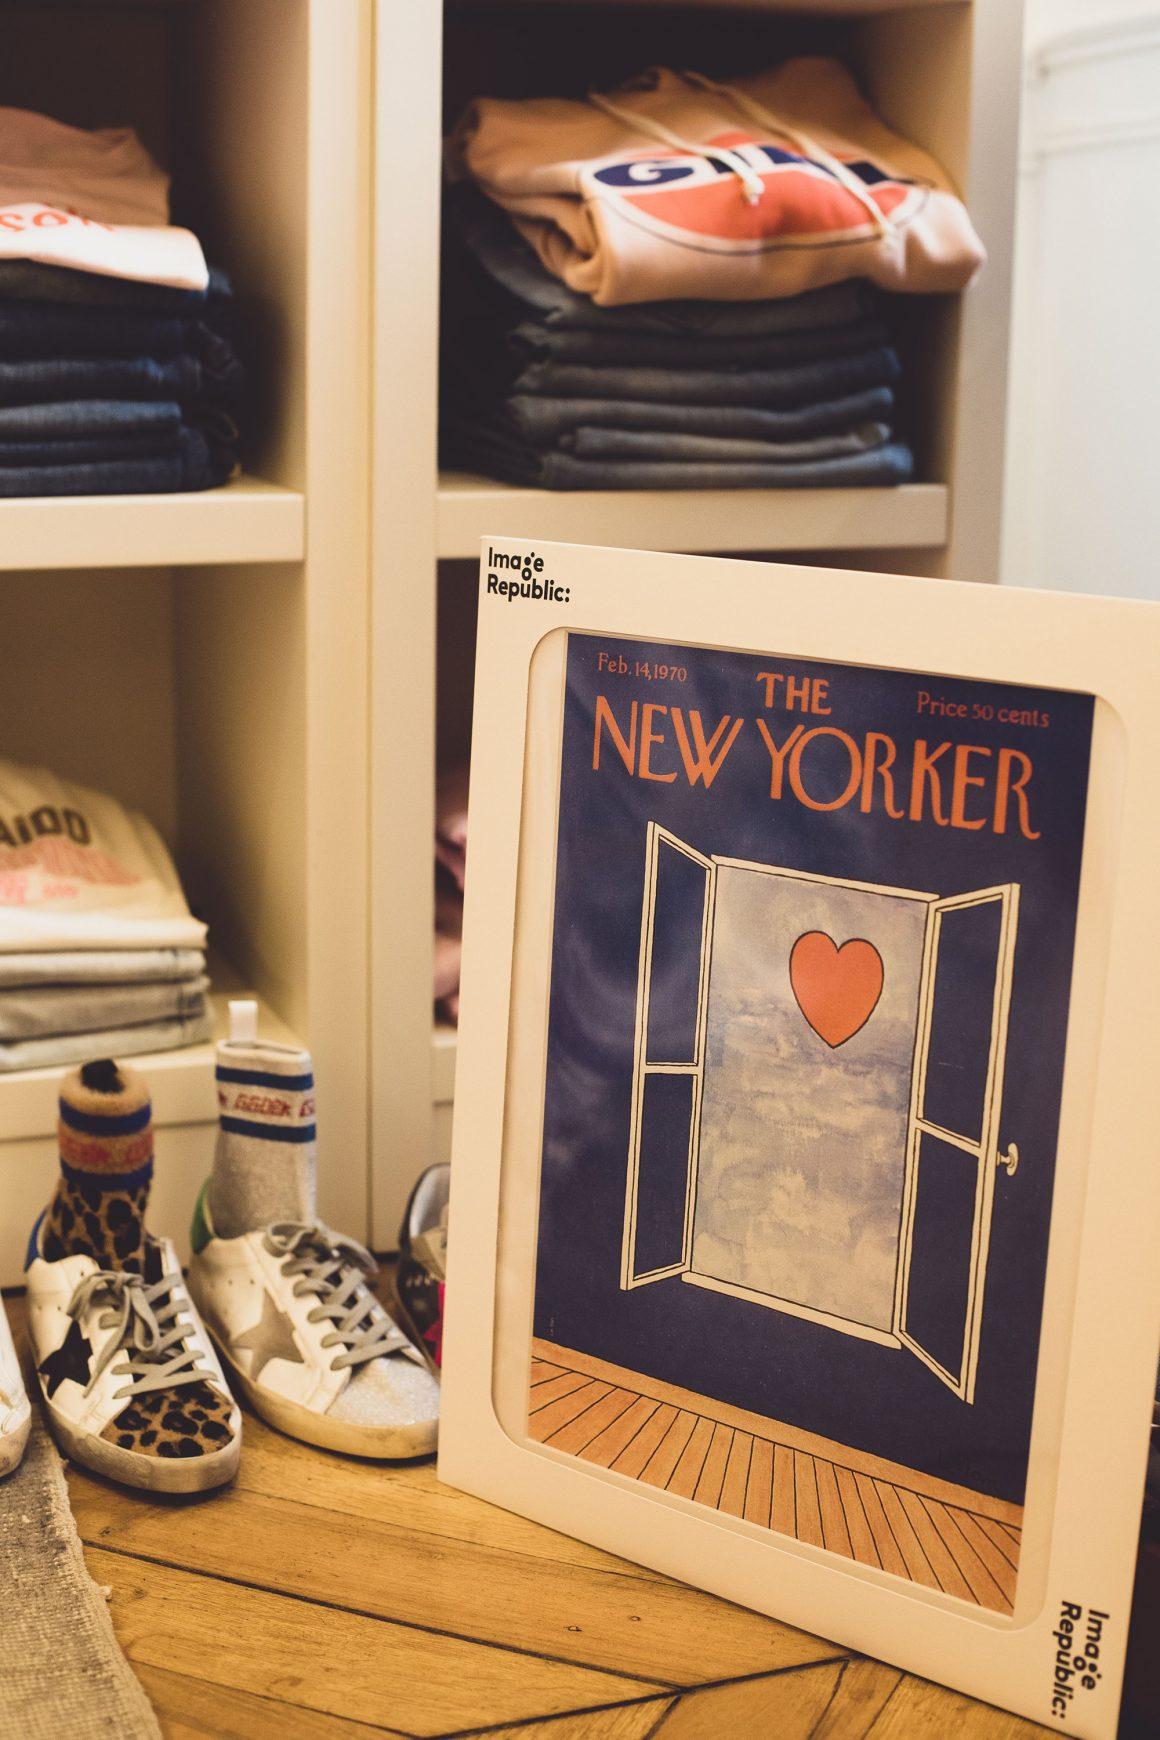 Une affiche The New Yorker par Image Republic